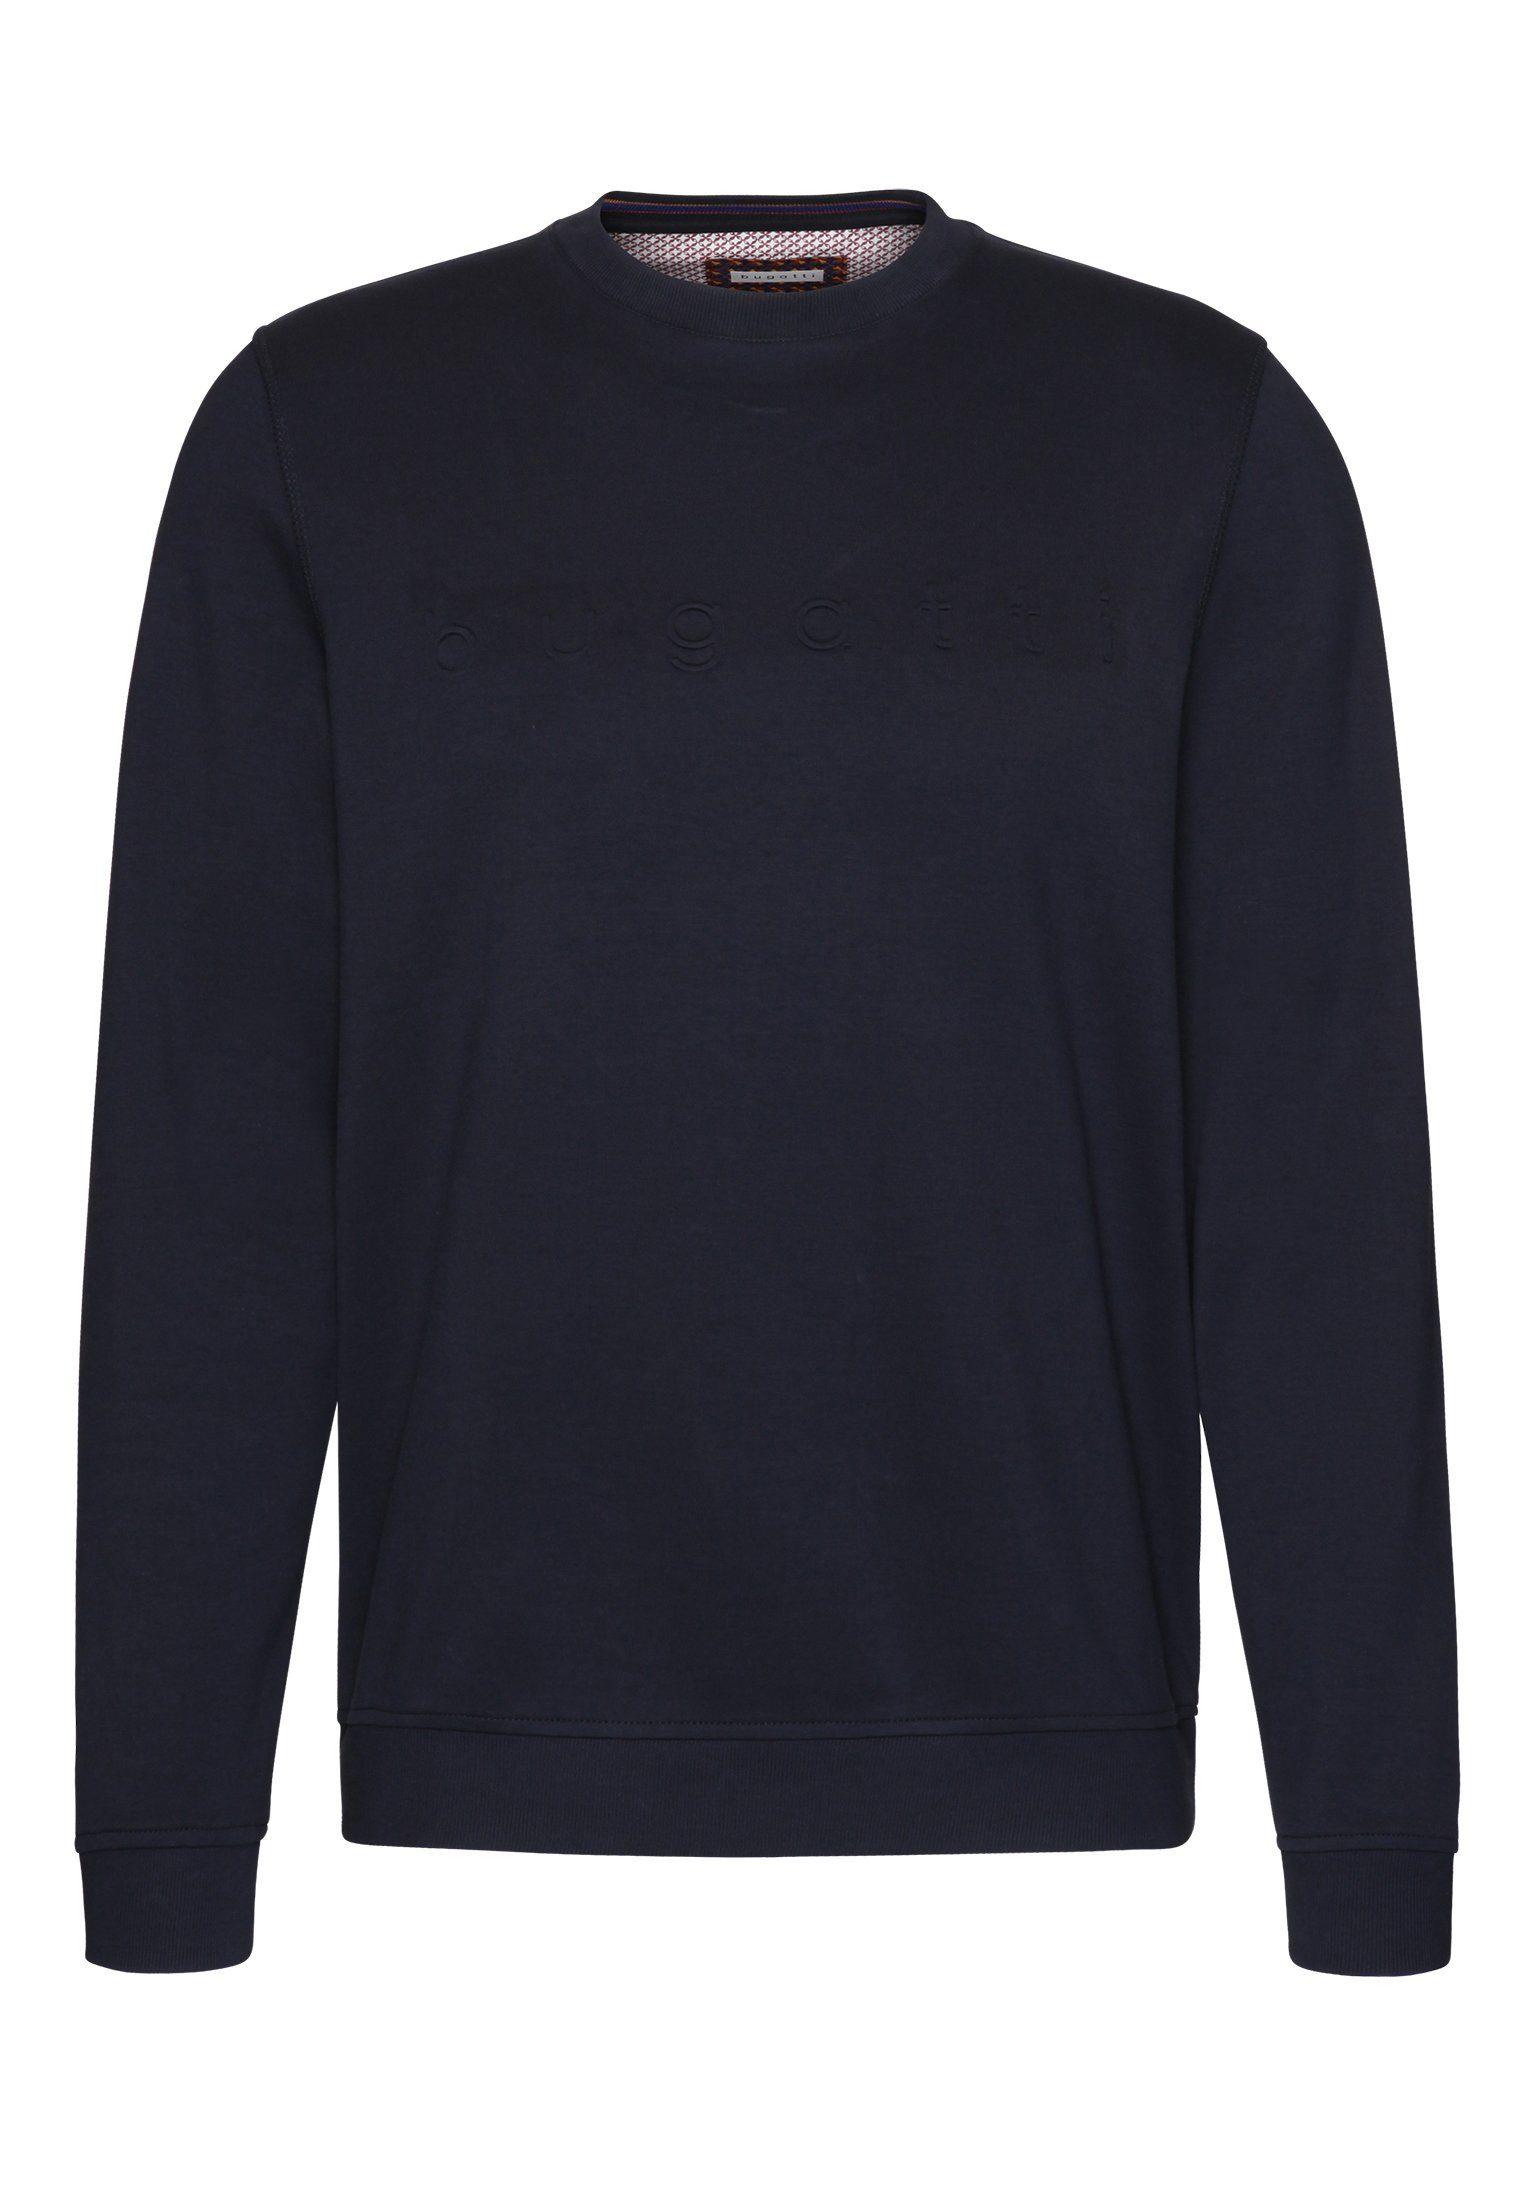 bugatti Sweatshirt mit bugatti Schriftzug auf der Brust